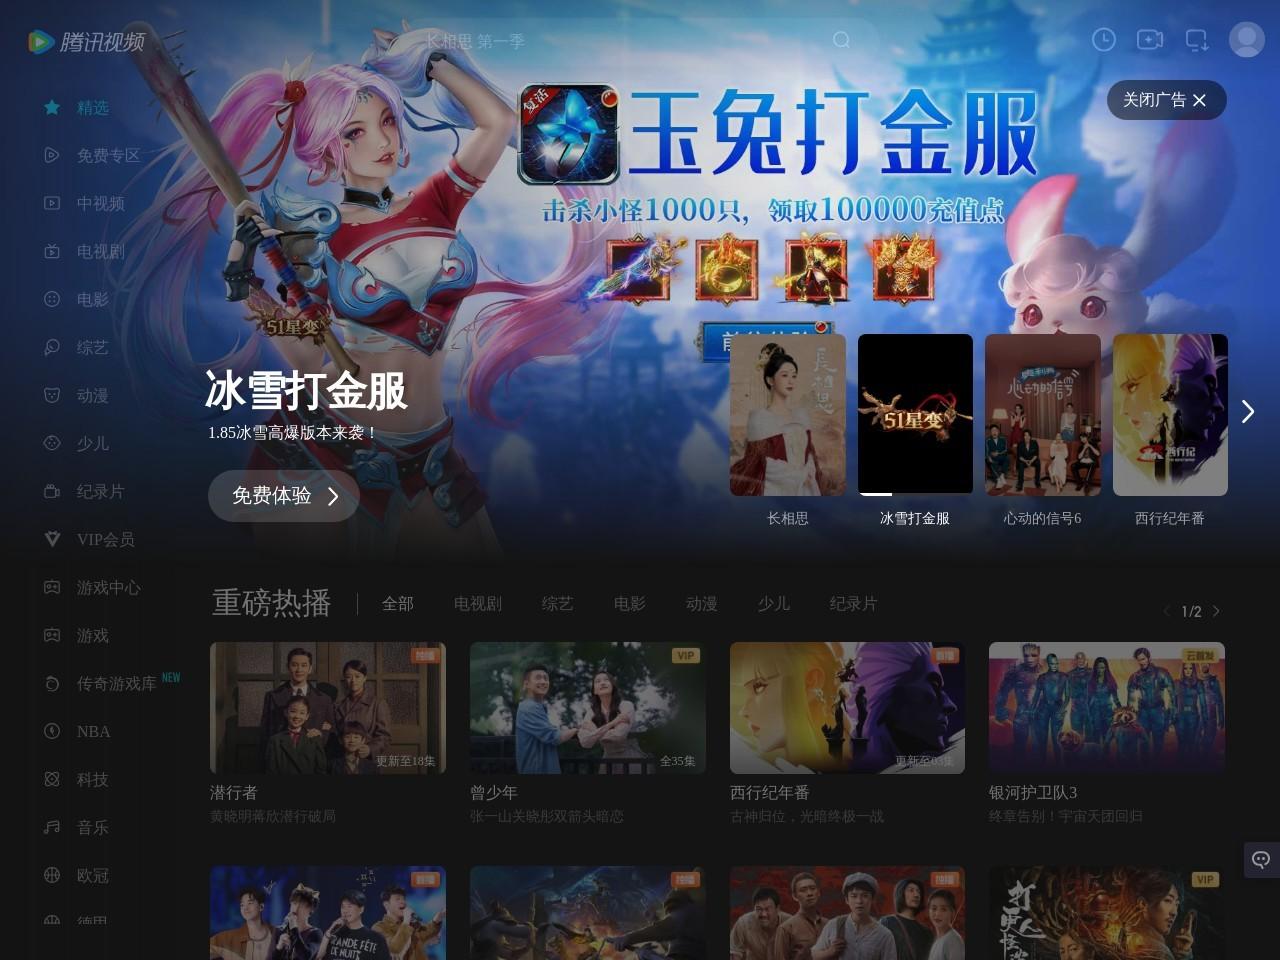 腾讯视频 - 中国领先的在线视频媒体平台